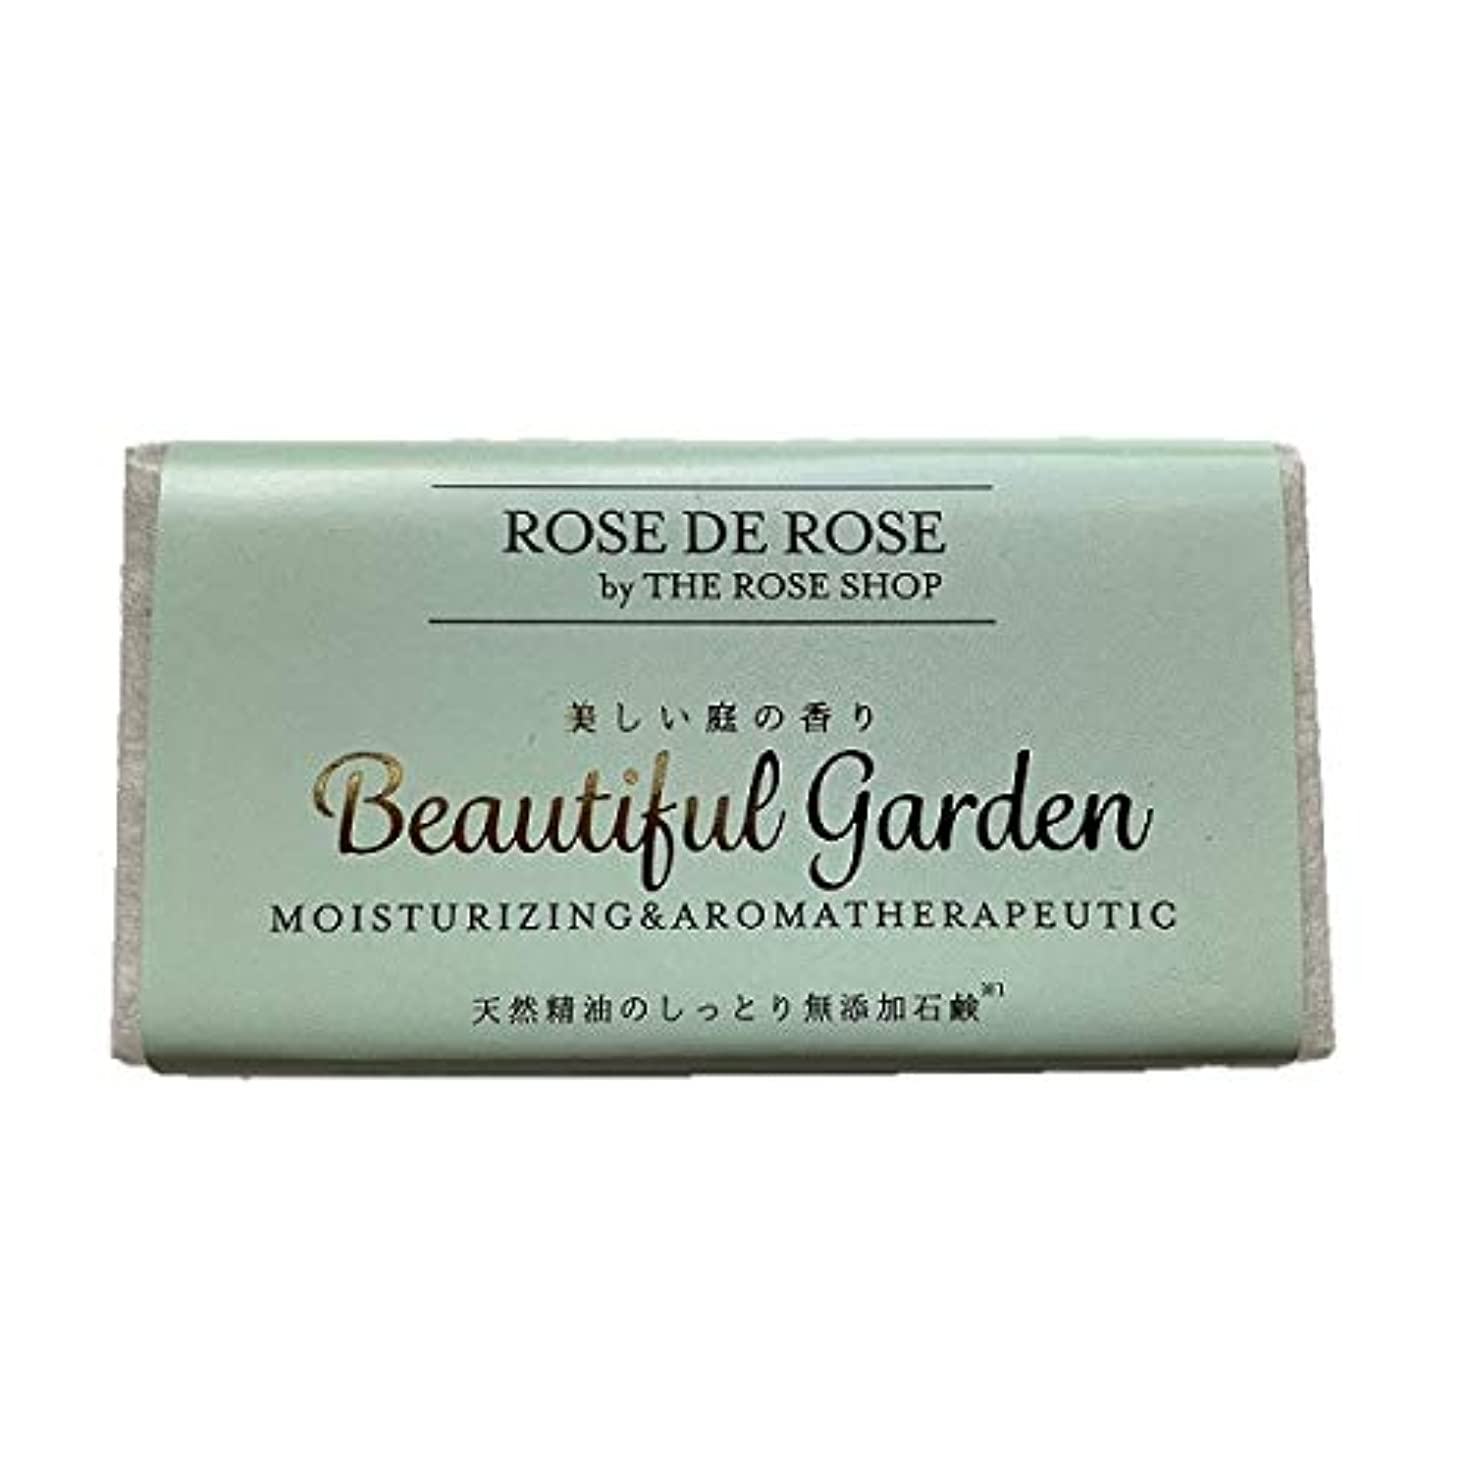 運ぶすでに移行天然精油の無添加石鹸 「美しい庭の香り ビューティフルガーデン」3個セット